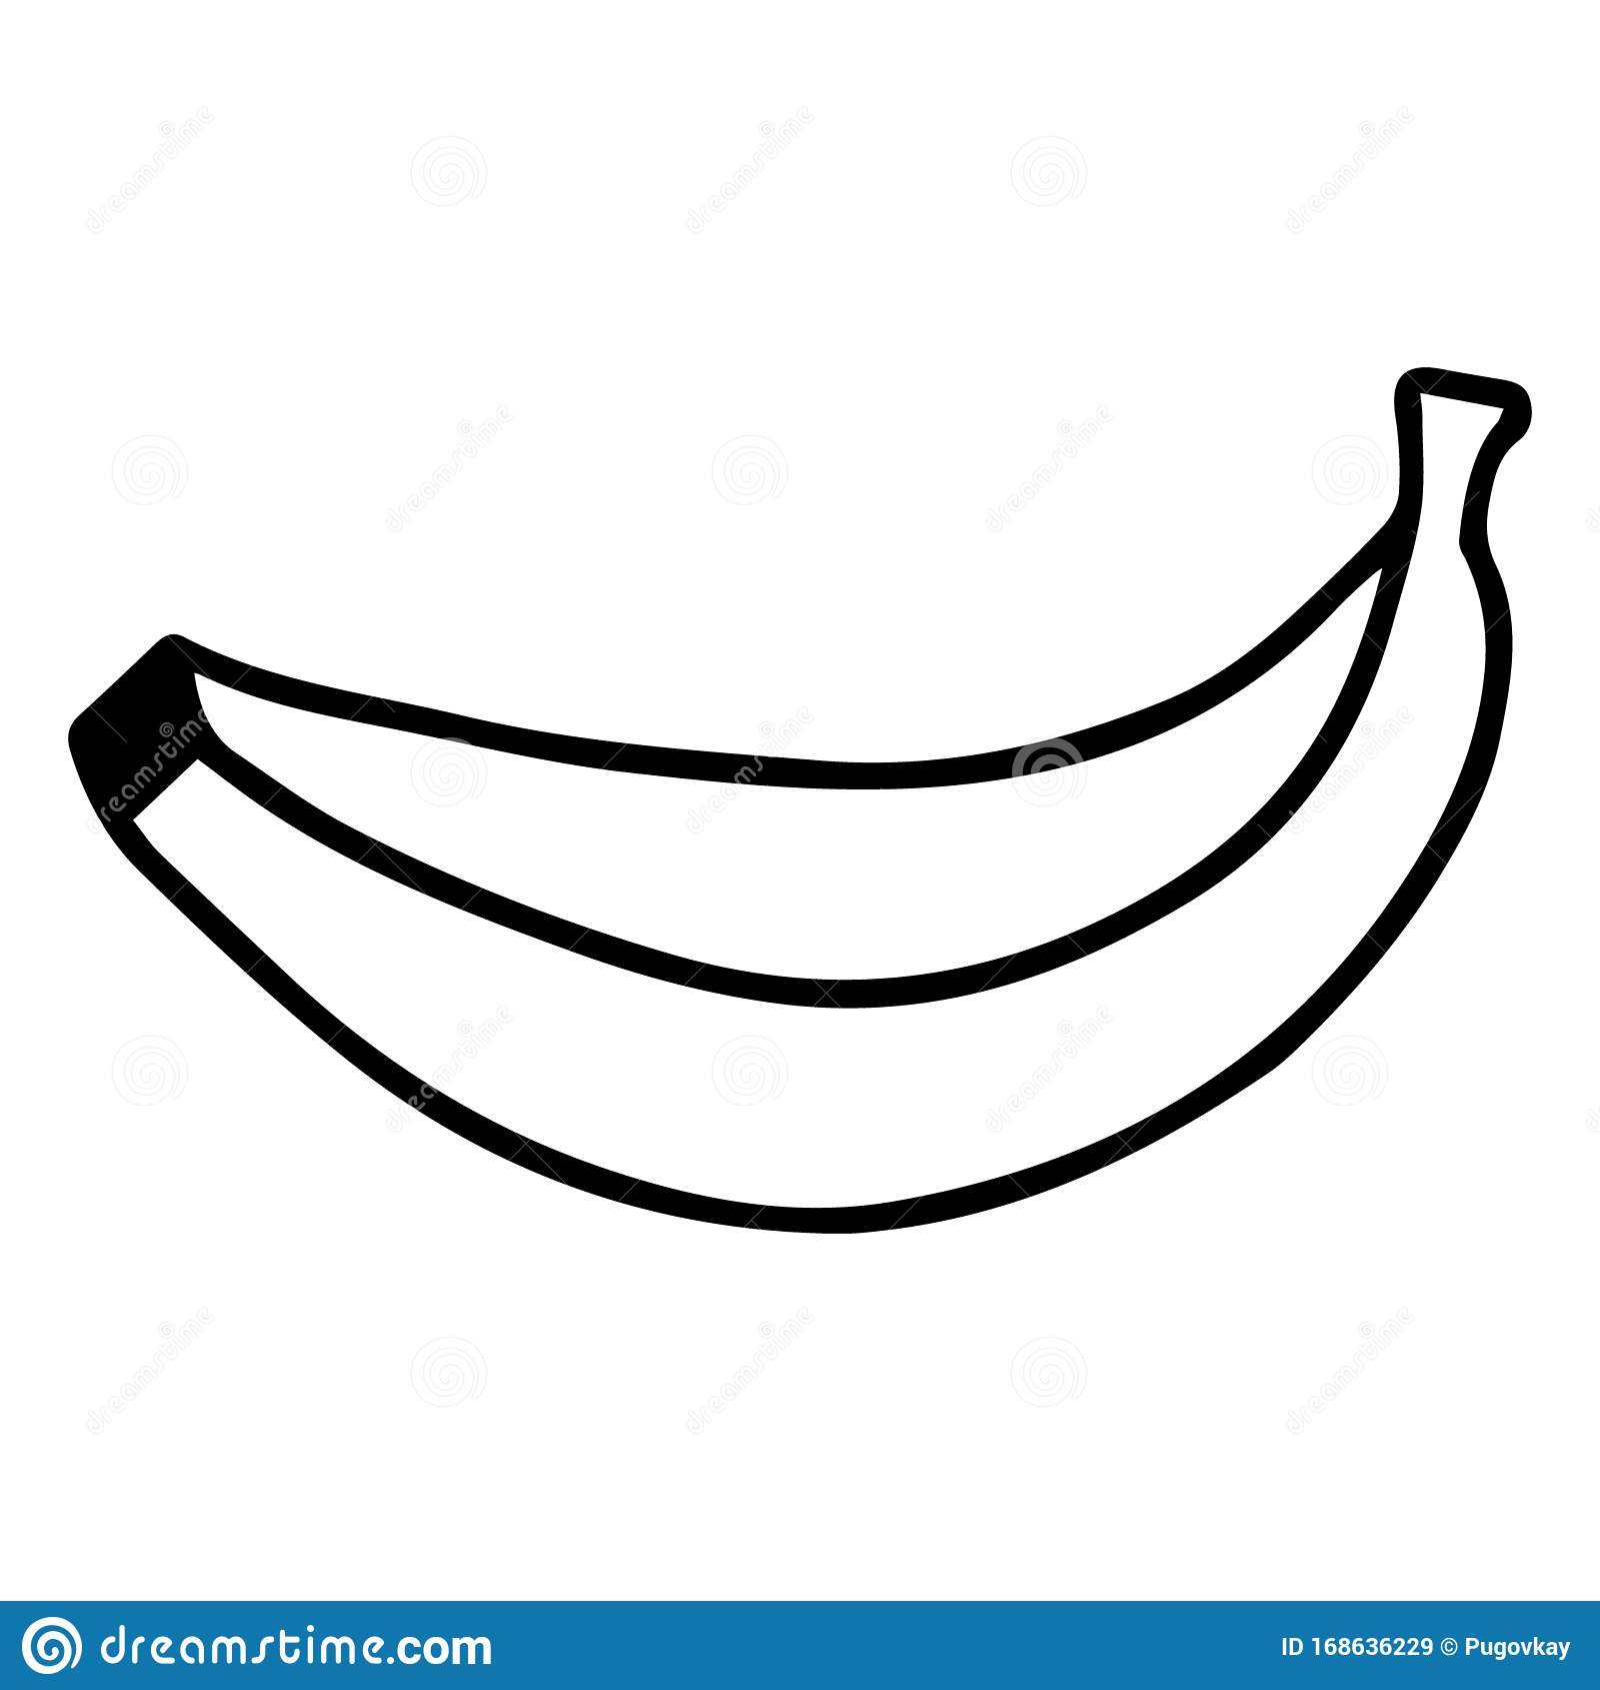 Rysowanie Wektorowe Bananow Doodle Rysowanie Reczne Jeden Banan Wyizolowany Na Bialym Tle Owoce Egzotyczne Obraz Czarno Bialy Ilustracja Wektor Ilustracja Zlozonej Z Przeciwutleniacz Botanika 168636229